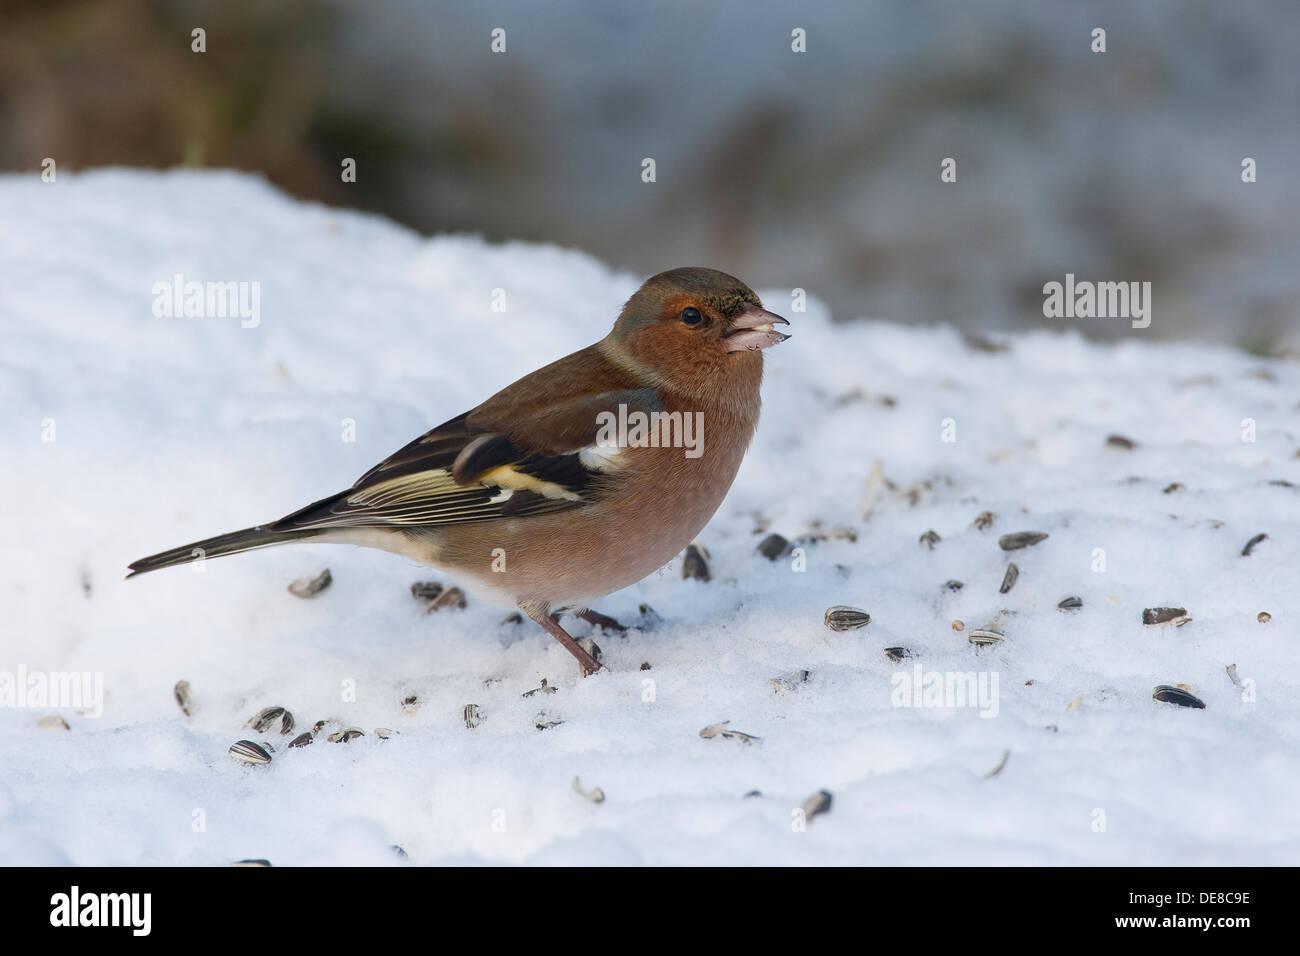 chaffinch, male, Buchfink, Buch-Fink, Männchen, Fringilla coelebs, Winter, Schnee, snow, feeding birds, Winterfütterung - Stock Image